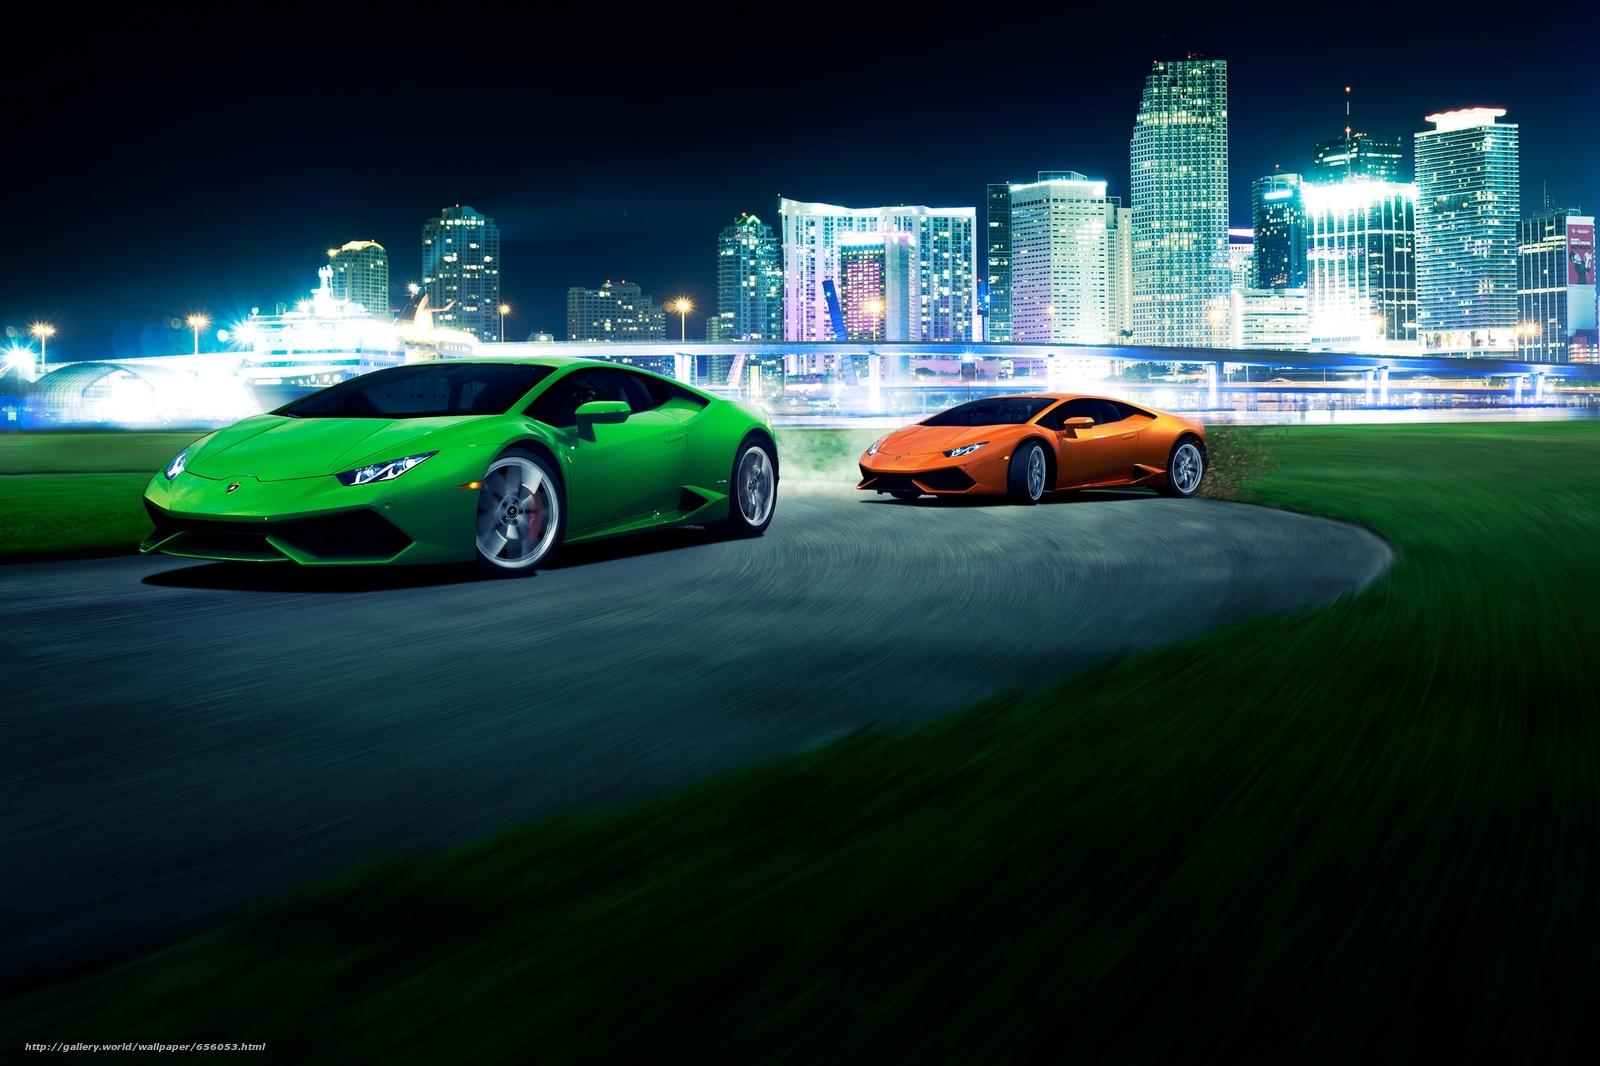 Скачать обои Lamborghini,  машина,  автомобиль бесплатно для рабочего стола в разрешении 2048x1365 — картинка №656053